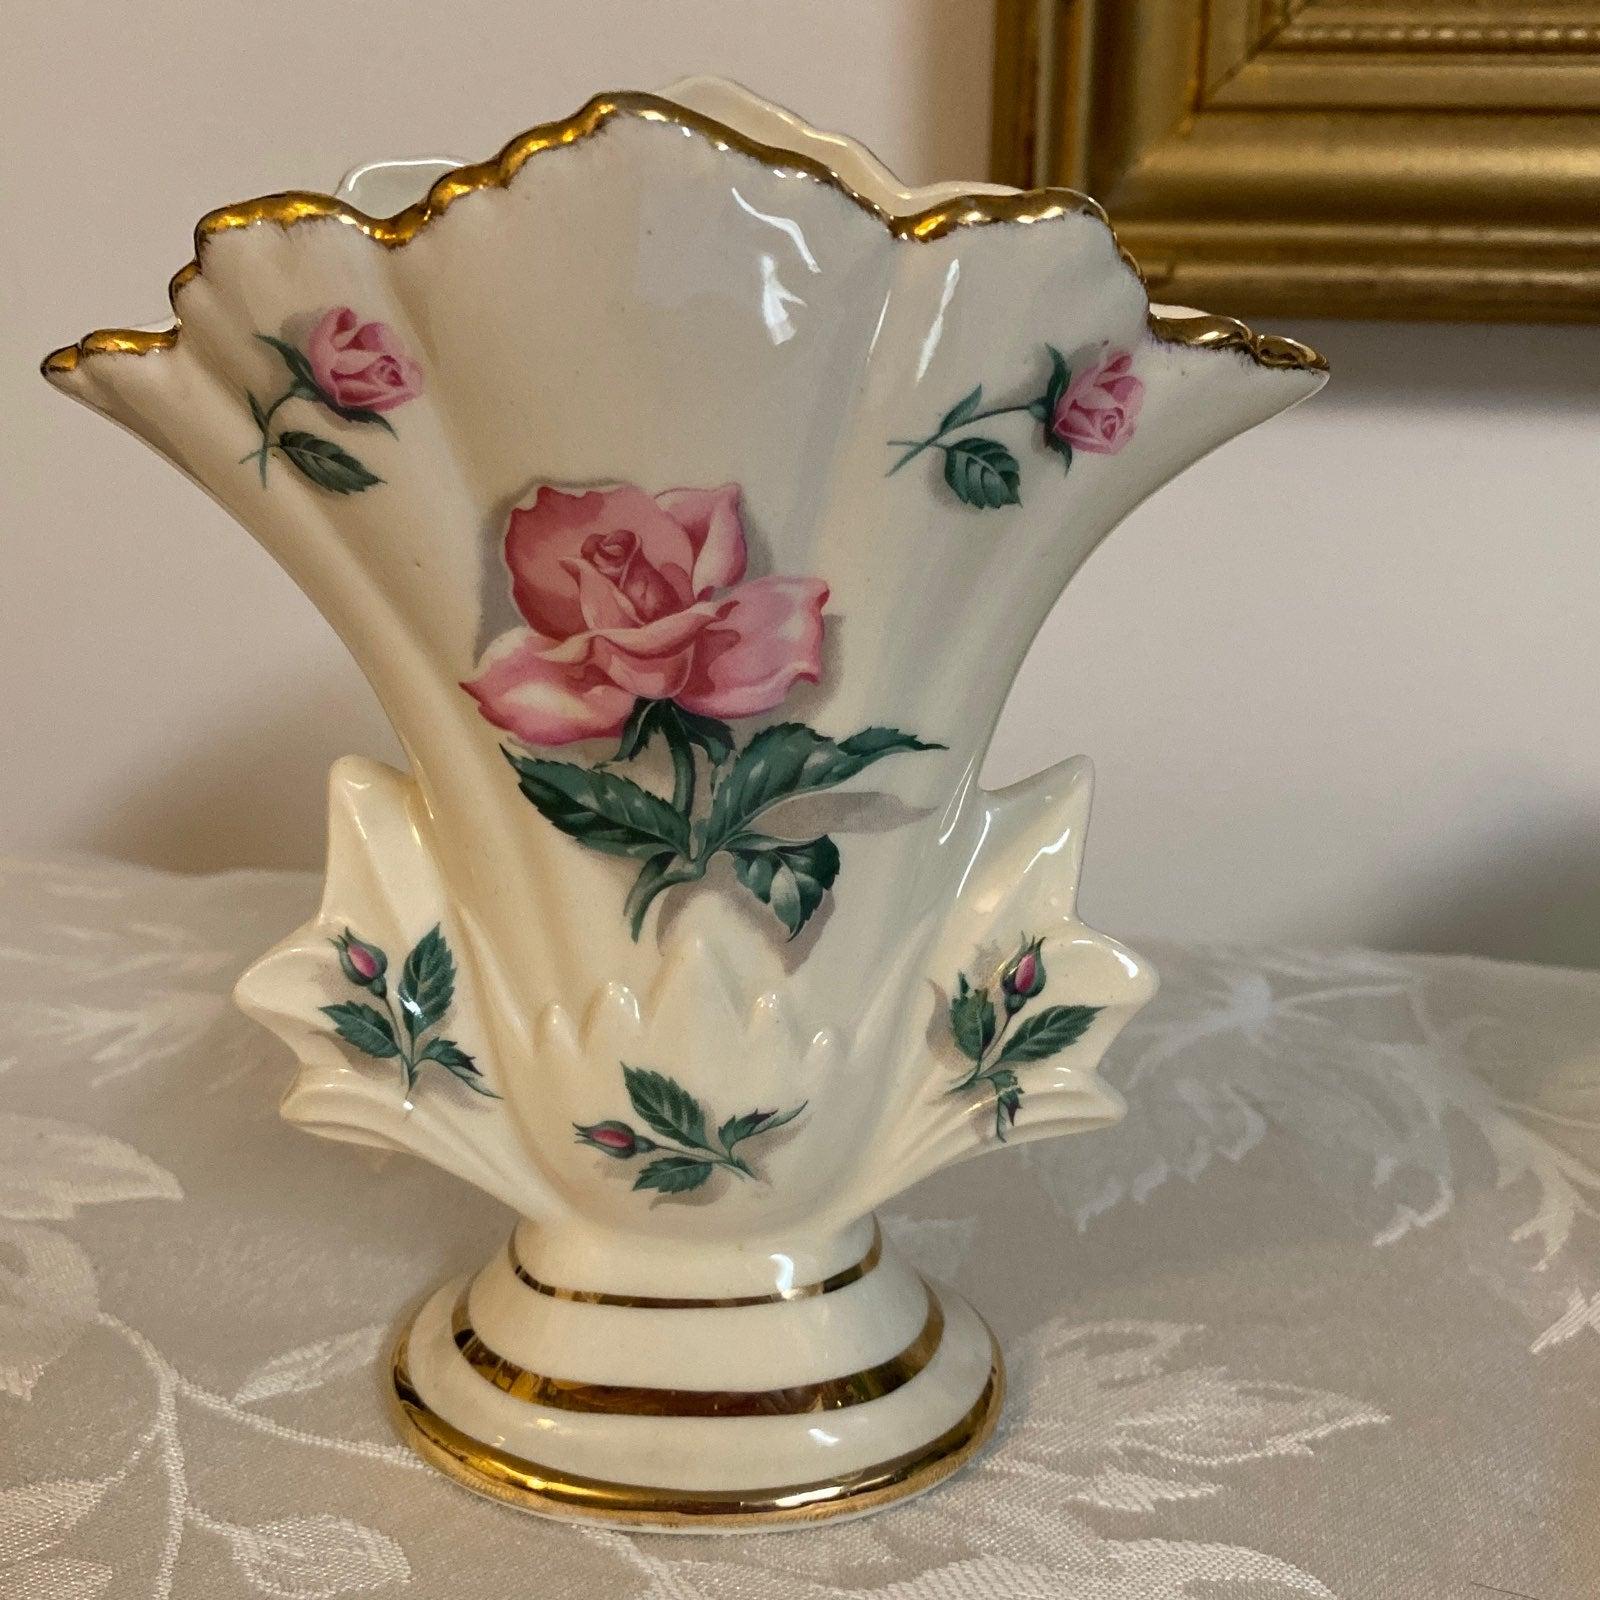 Vintage Gold Trim Rose Mantle Vase